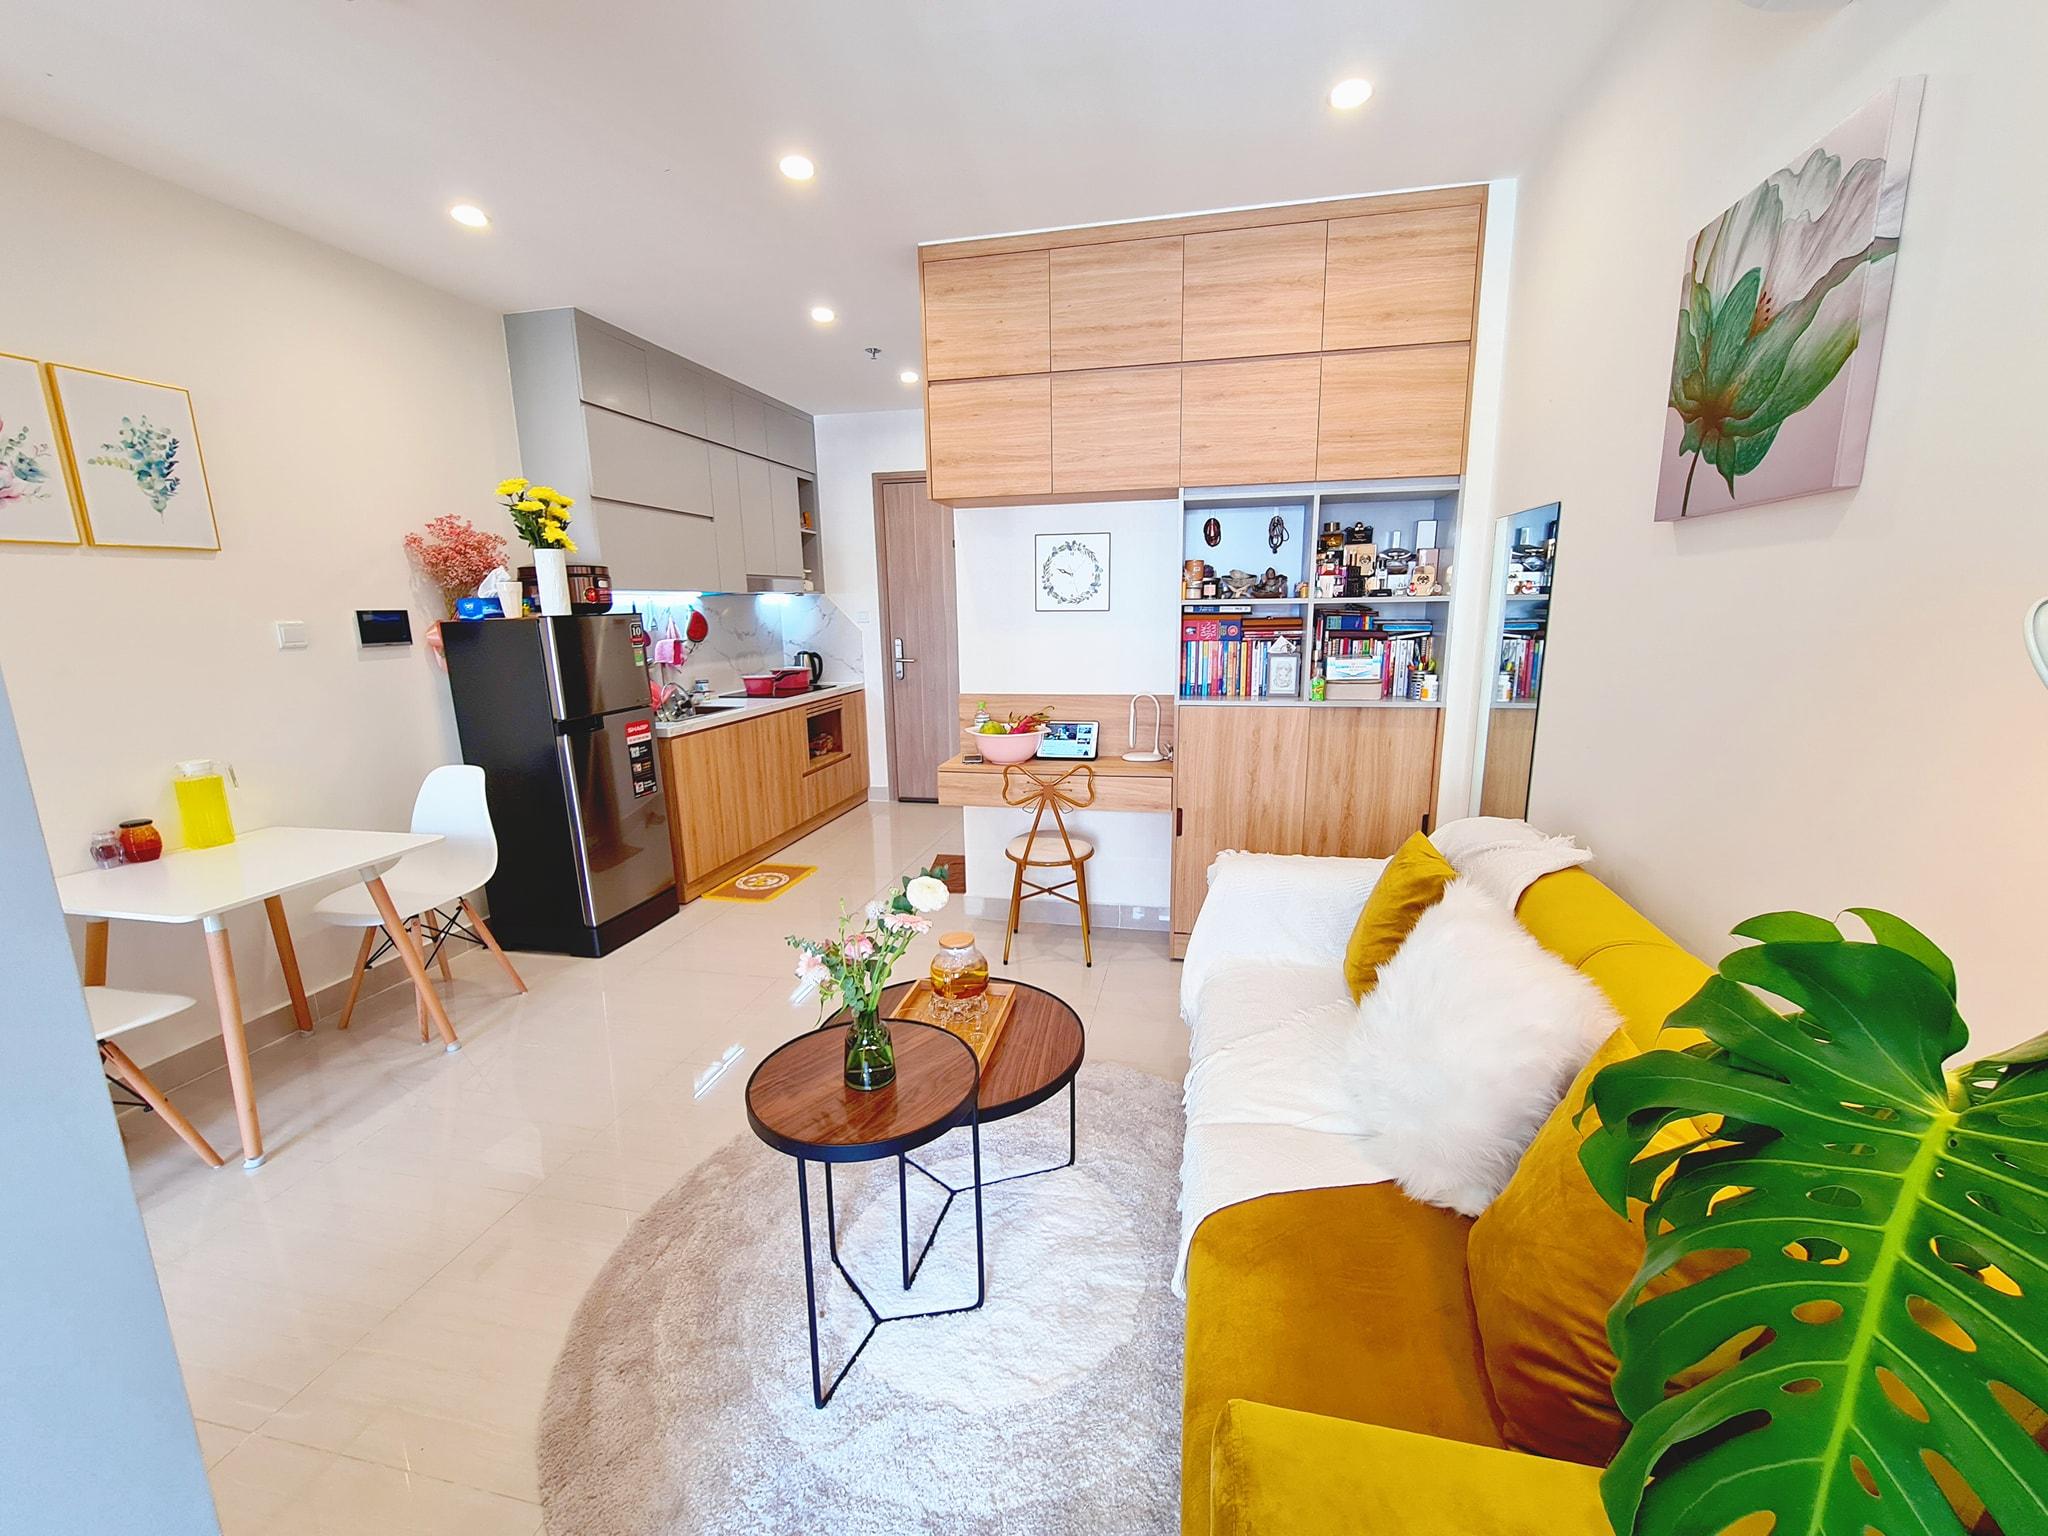 Tuy chưa 'yên bề gia thất' nhưng cô nàng vẫn kịp 'an cư lập nghiệp' với căn hộ 30m2 đẹp như mơ nhờ cách trang trí tài tình